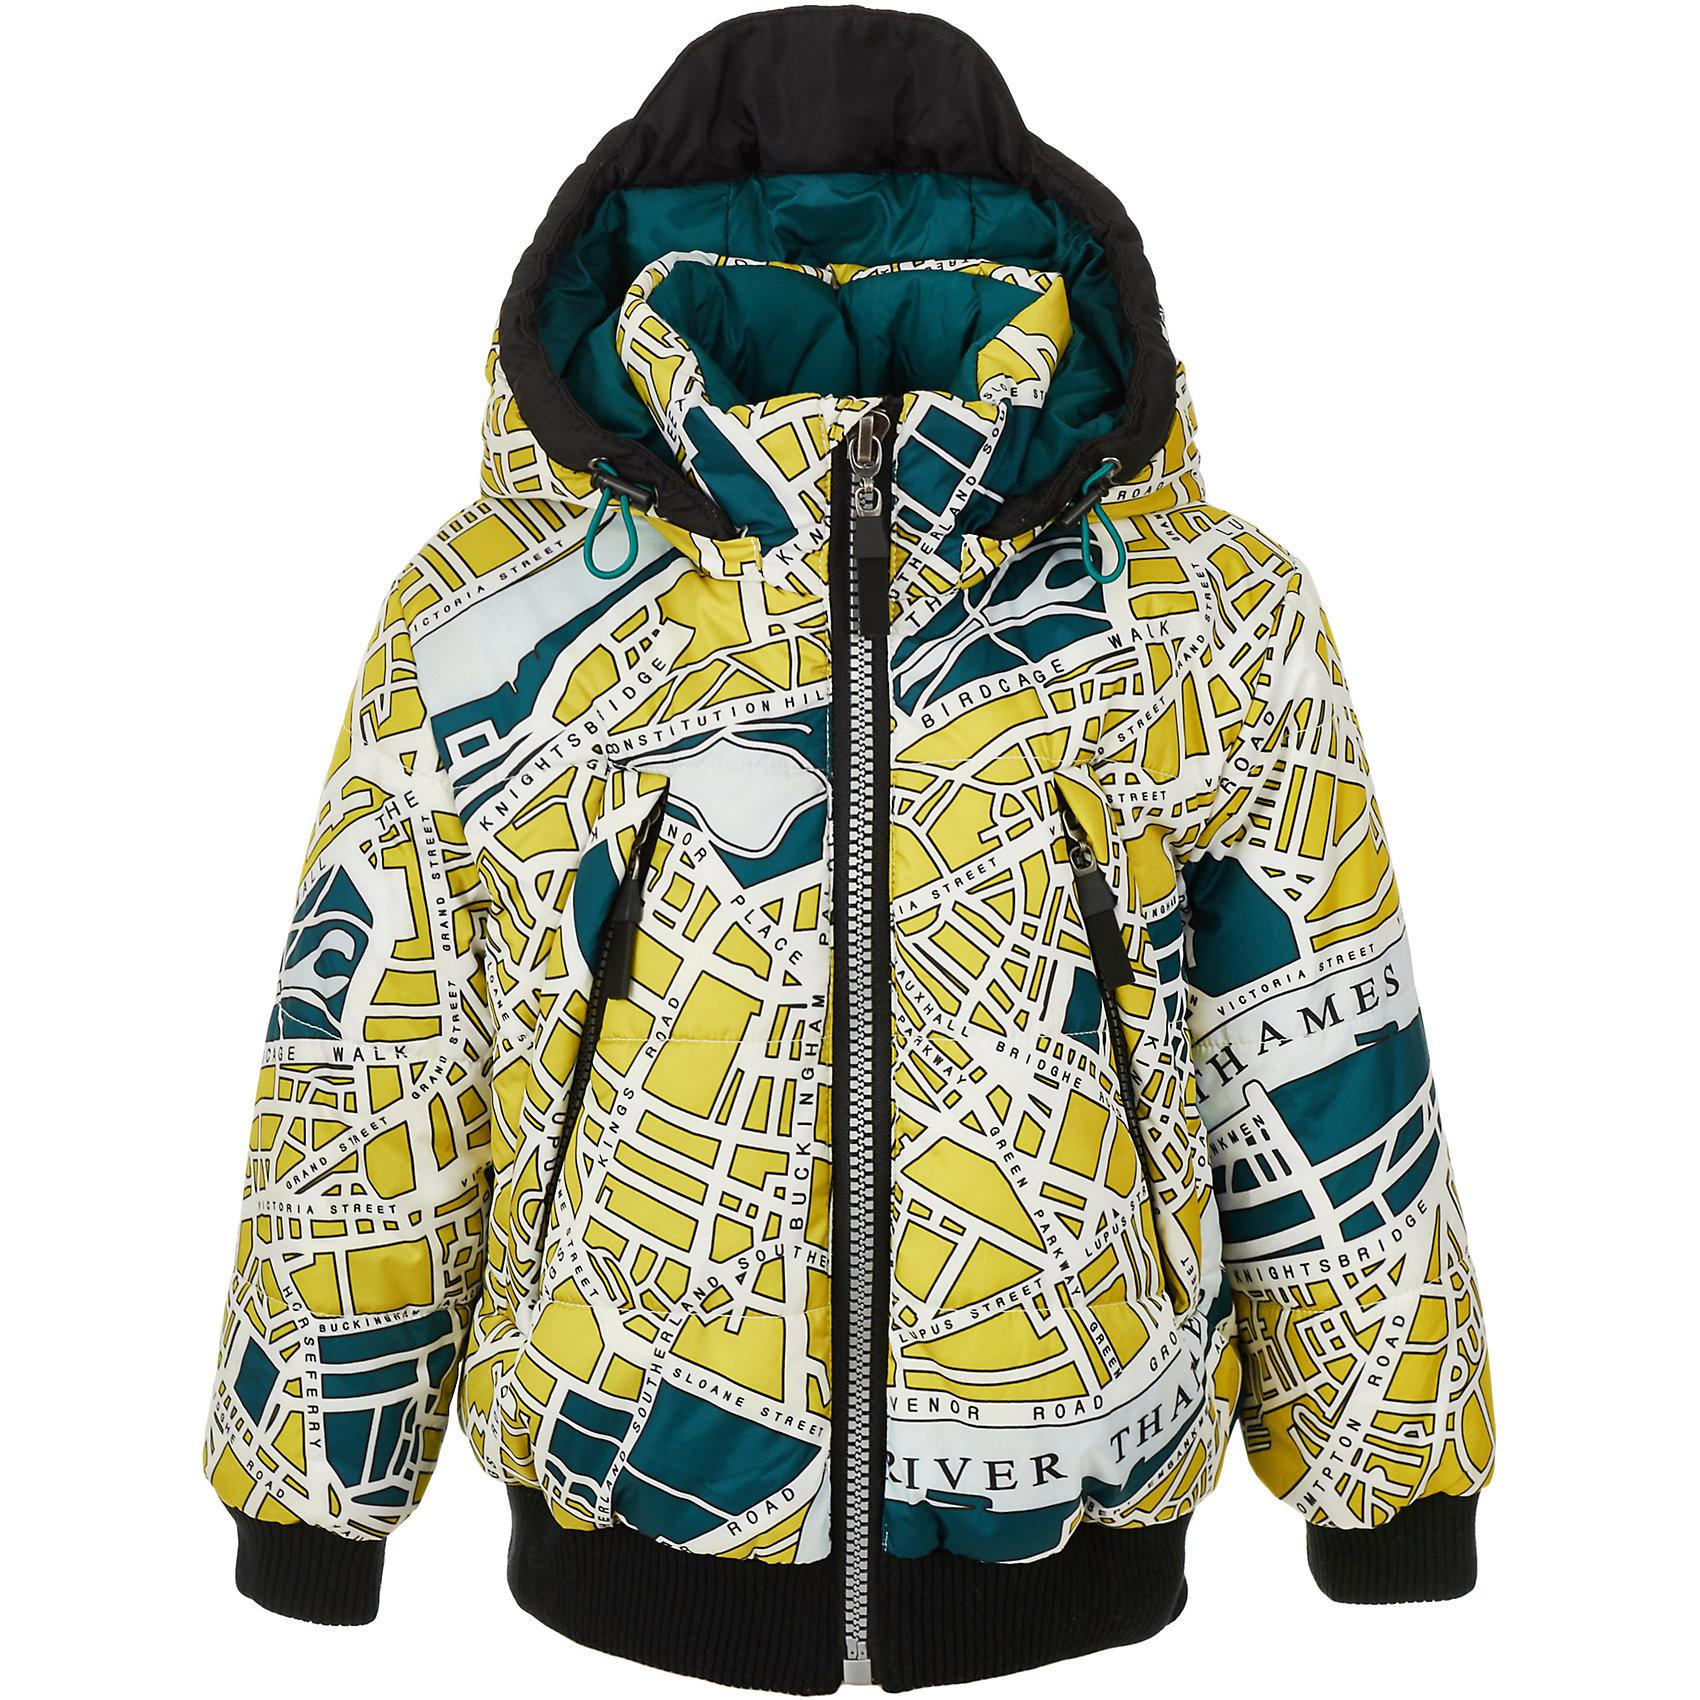 Куртка Gulliver для мальчикаВерхняя одежда<br>Куртка Gulliver для мальчика<br>Готовь сани летом… Именно этим правилом руководствуются заботливые мамы, предпочитающие купить куртку на синтепоне до наступления осенних холодов. Детская куртка должна быть не только удобной, практичной, функциональной, но и красивой, стильной, оригинальной. Поклонники Gulliver знают: стильная комфортная куртка - залог прекрасного настроения и отличного самочувствия во время длительных прогулок в любую погоду. Именно такая, куртка для мальчика из коллекции Навигатор, созданная из оригинальной принтованной плащевки, сделает образ ребенка интересным и занимательным.<br>Состав:<br>верх:  100% полиэстер; подкладка: 65% хлопок 35% полиэстер; утеплитель: 100% полиэстер<br><br>Ширина мм: 356<br>Глубина мм: 10<br>Высота мм: 245<br>Вес г: 519<br>Цвет: белый<br>Возраст от месяцев: 60<br>Возраст до месяцев: 72<br>Пол: Мужской<br>Возраст: Детский<br>Размер: 116,98,104,110<br>SKU: 7076718